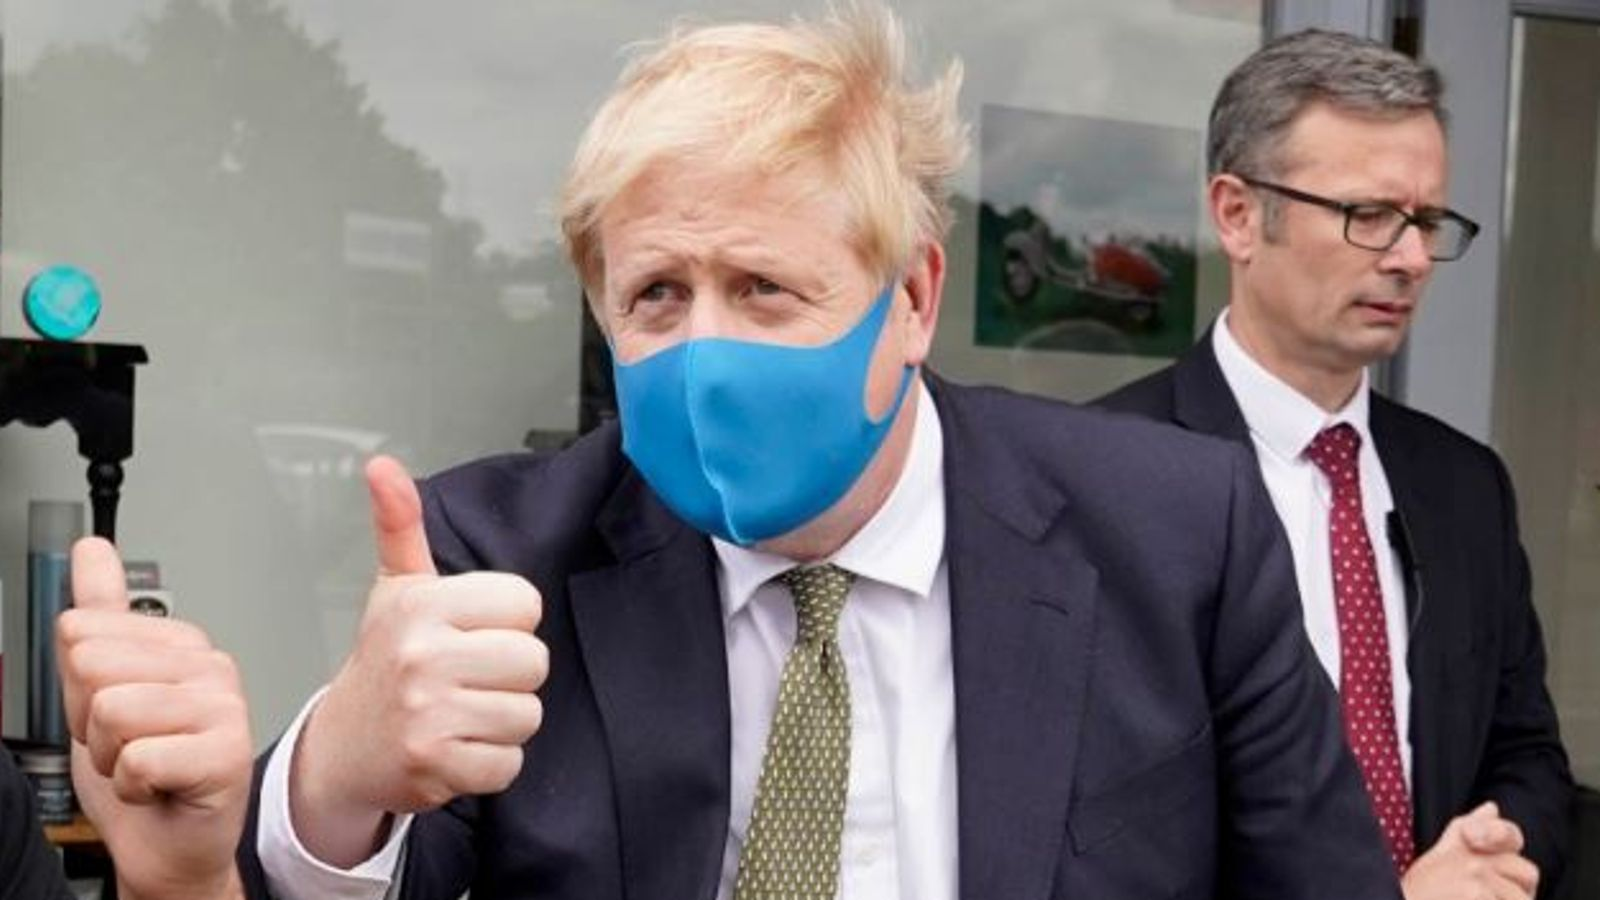 Reino Unido donará vacunas